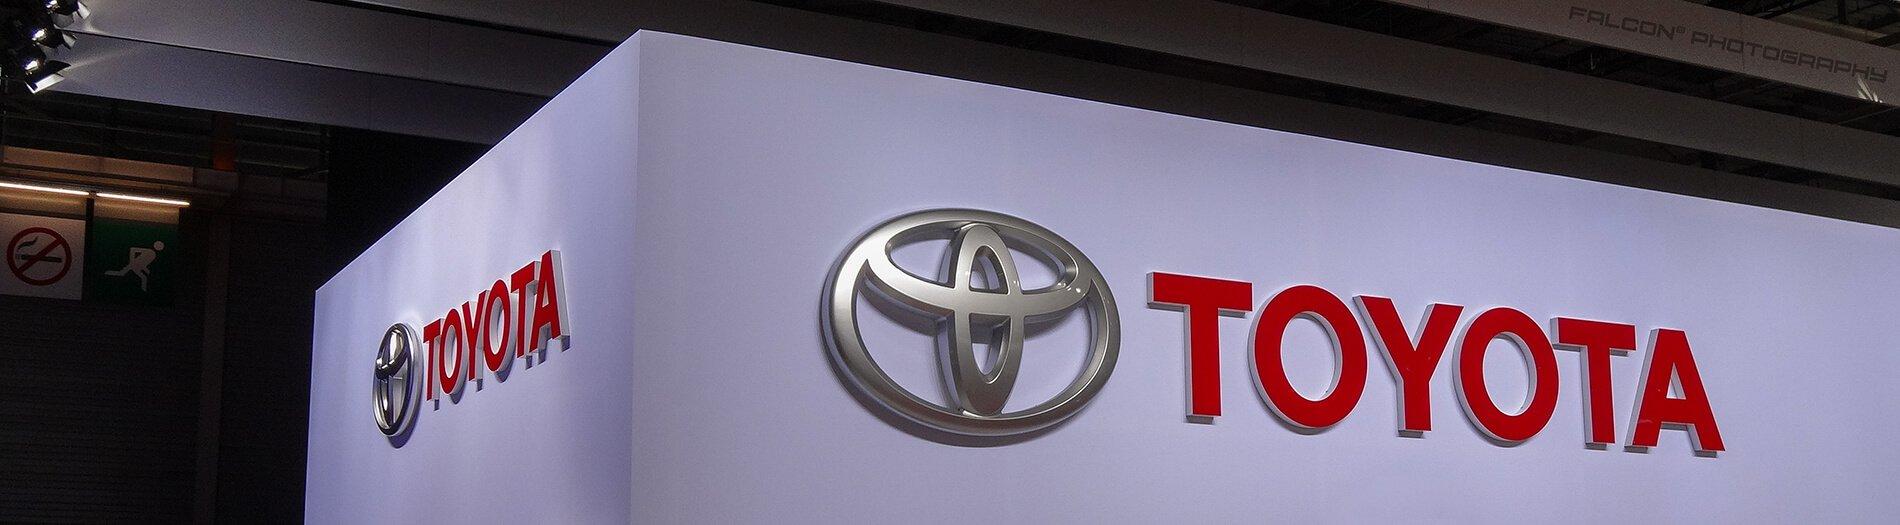 Toyota возрождает еще одну легенду